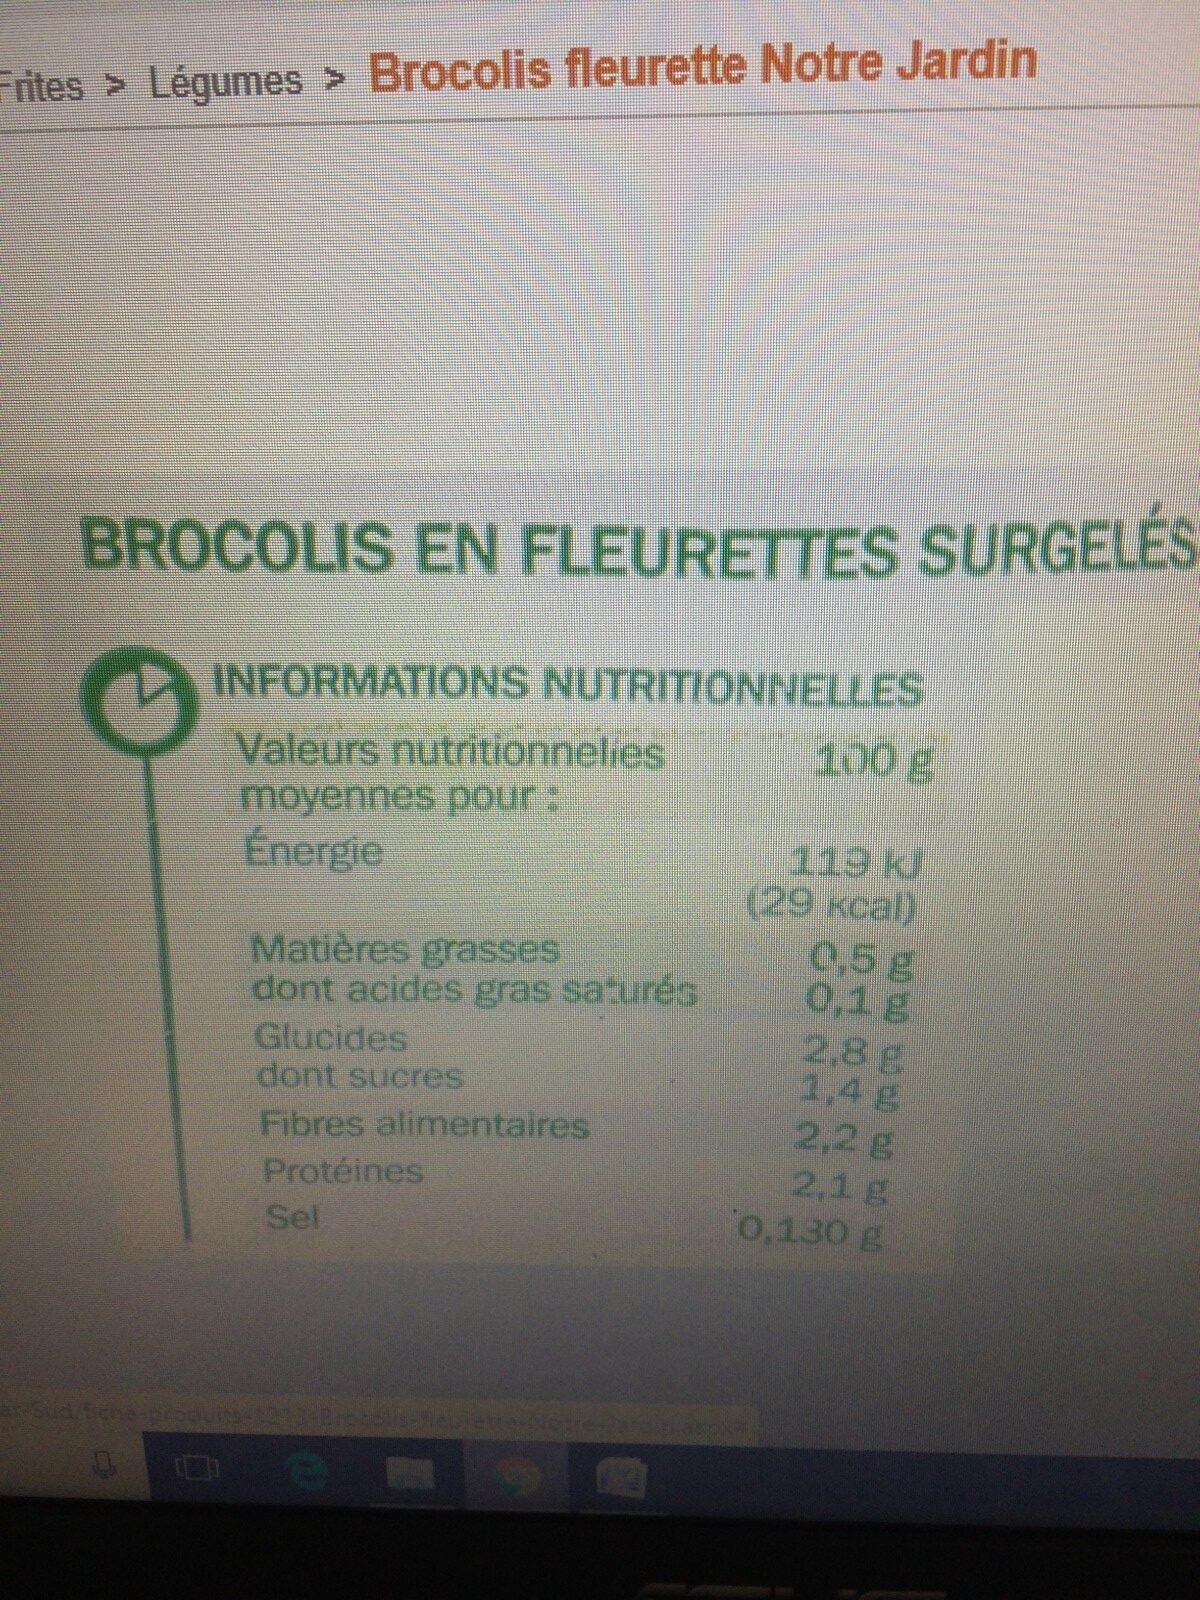 Brocolis en fleurette surgelés - Ingrédients - fr